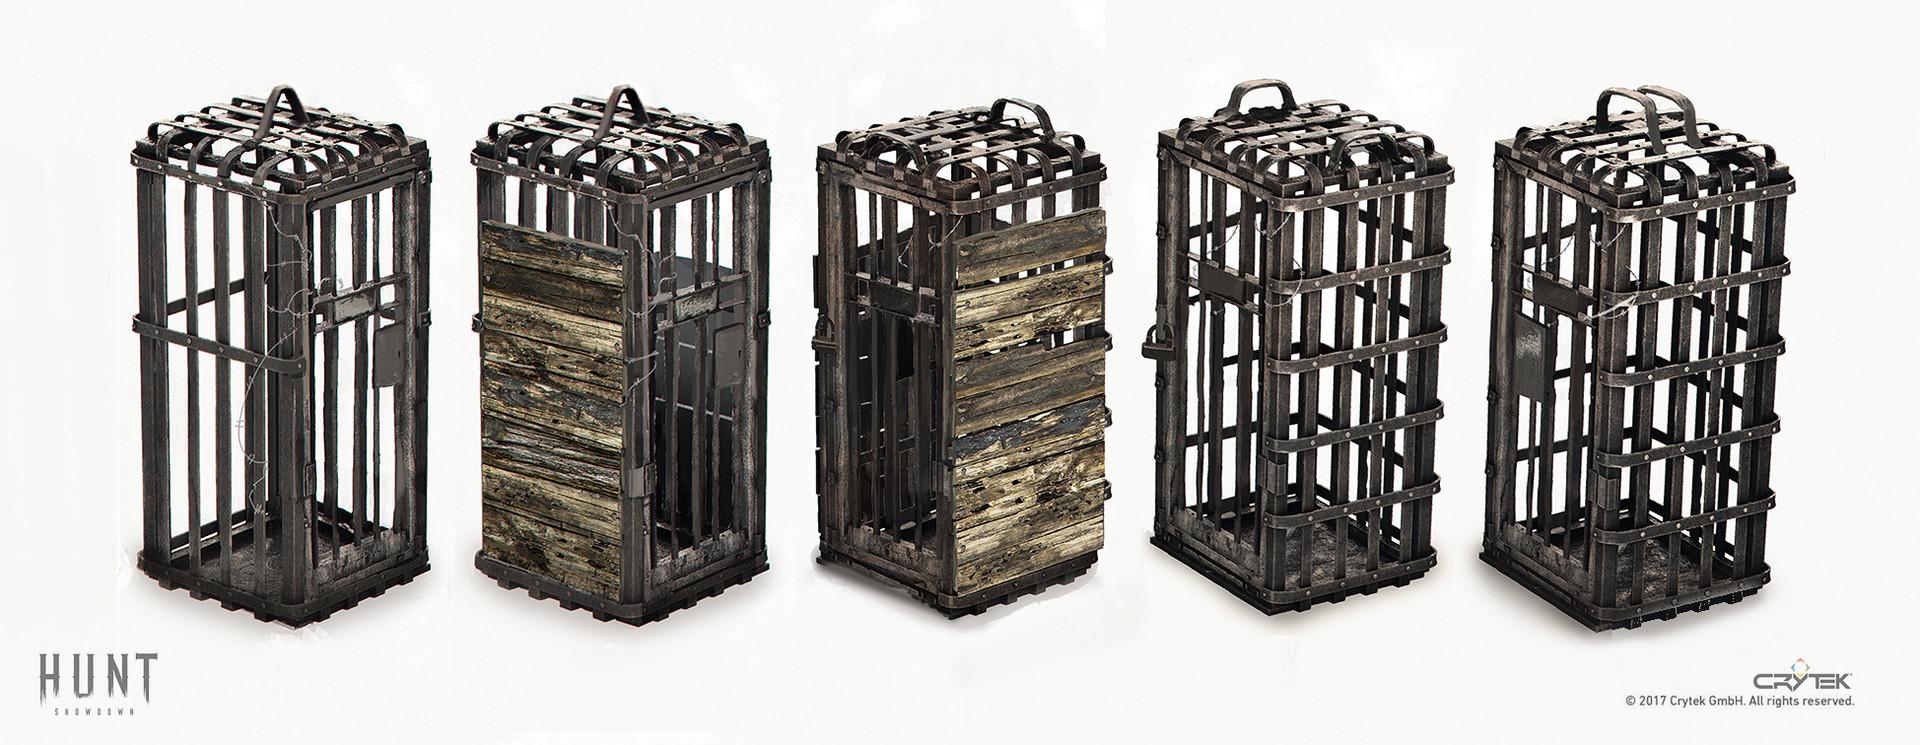 Lars sowig cage set final